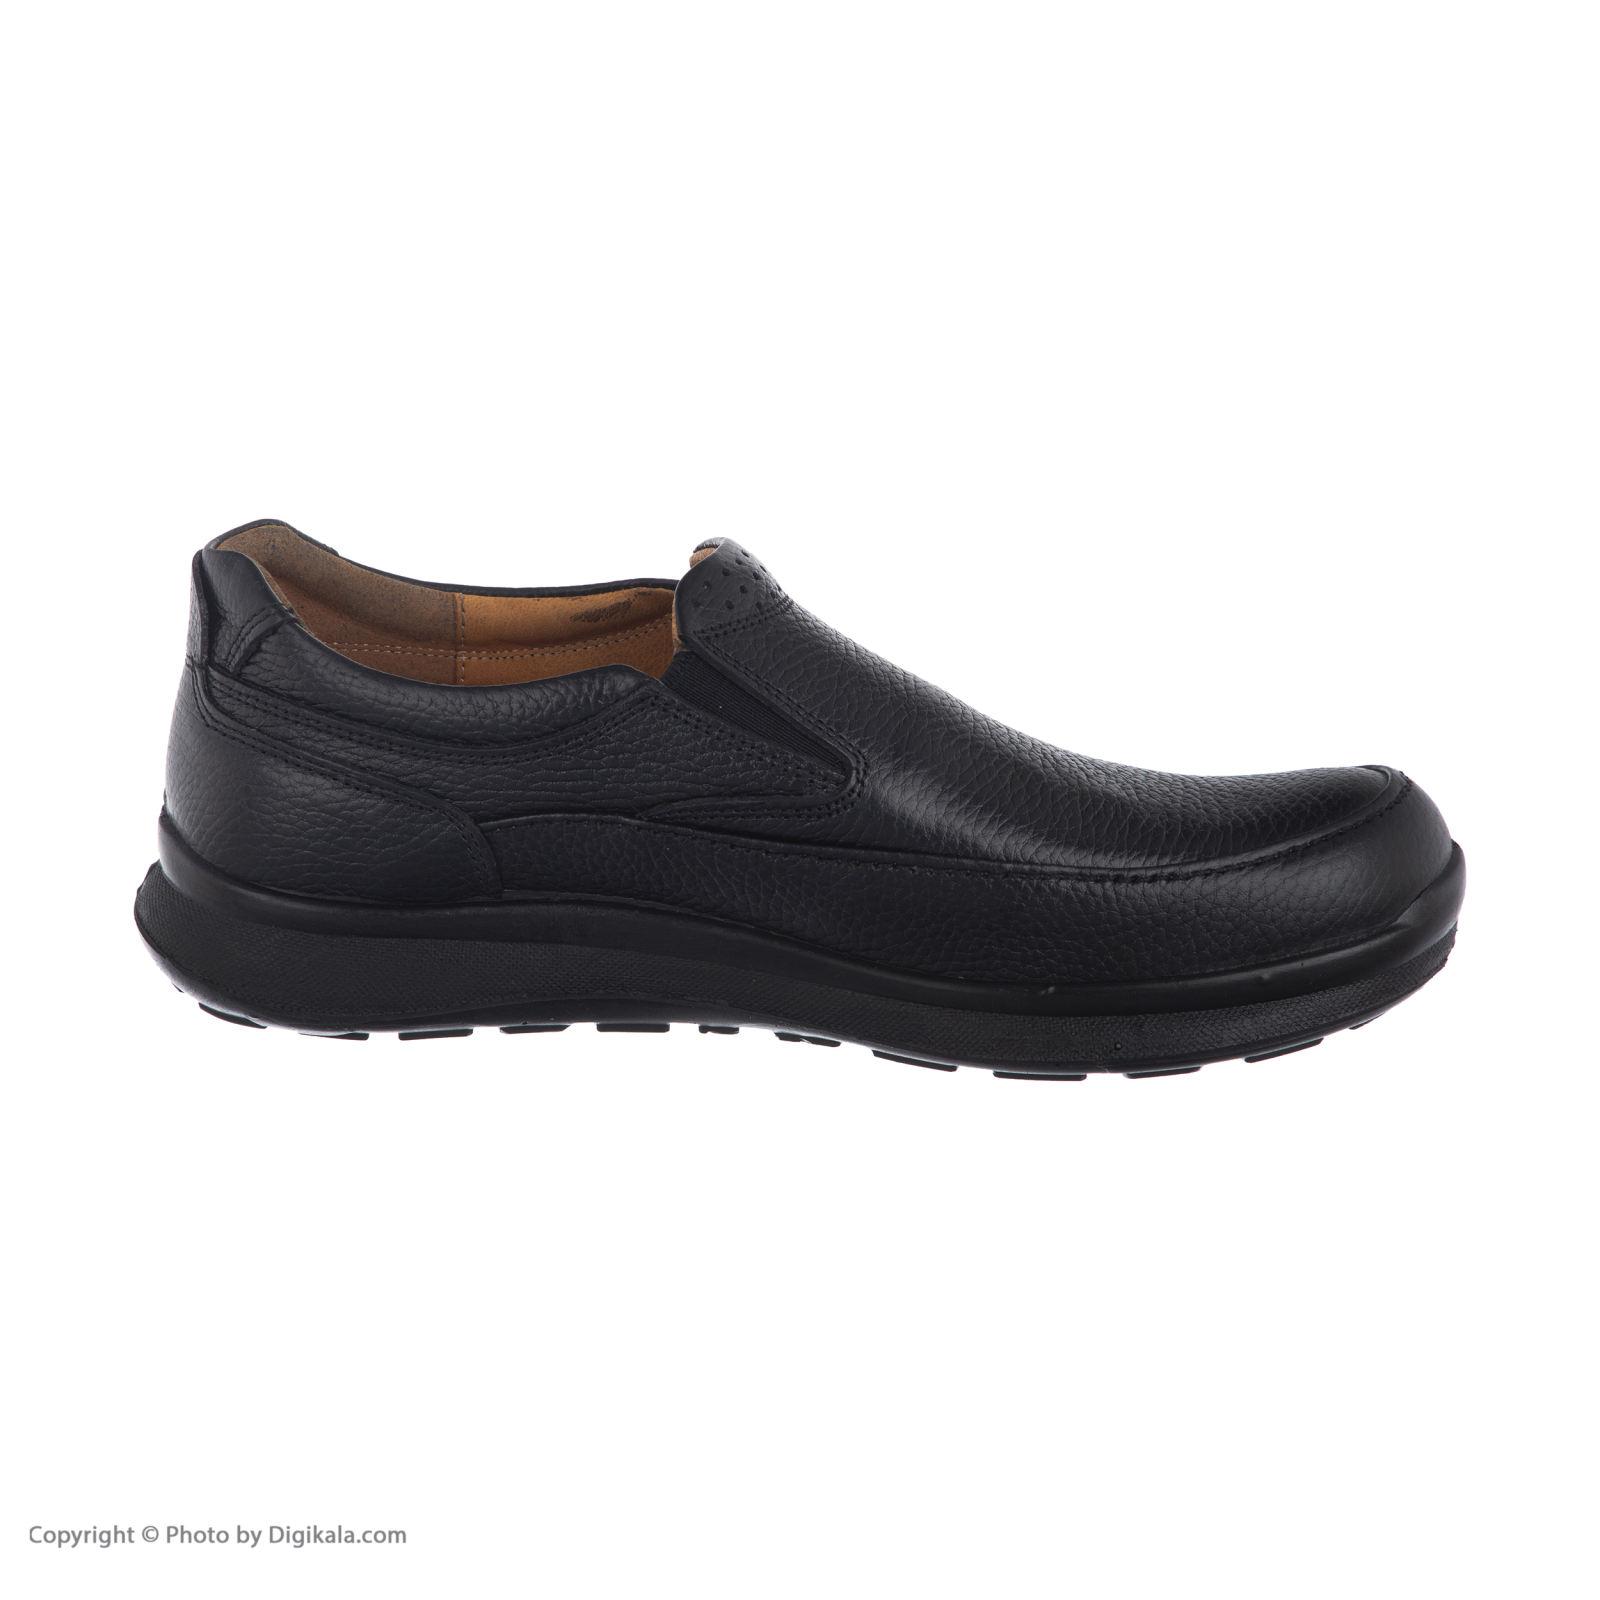 کفش روزمره مردانه آذر پلاس مدل 4401A503101 -  - 7